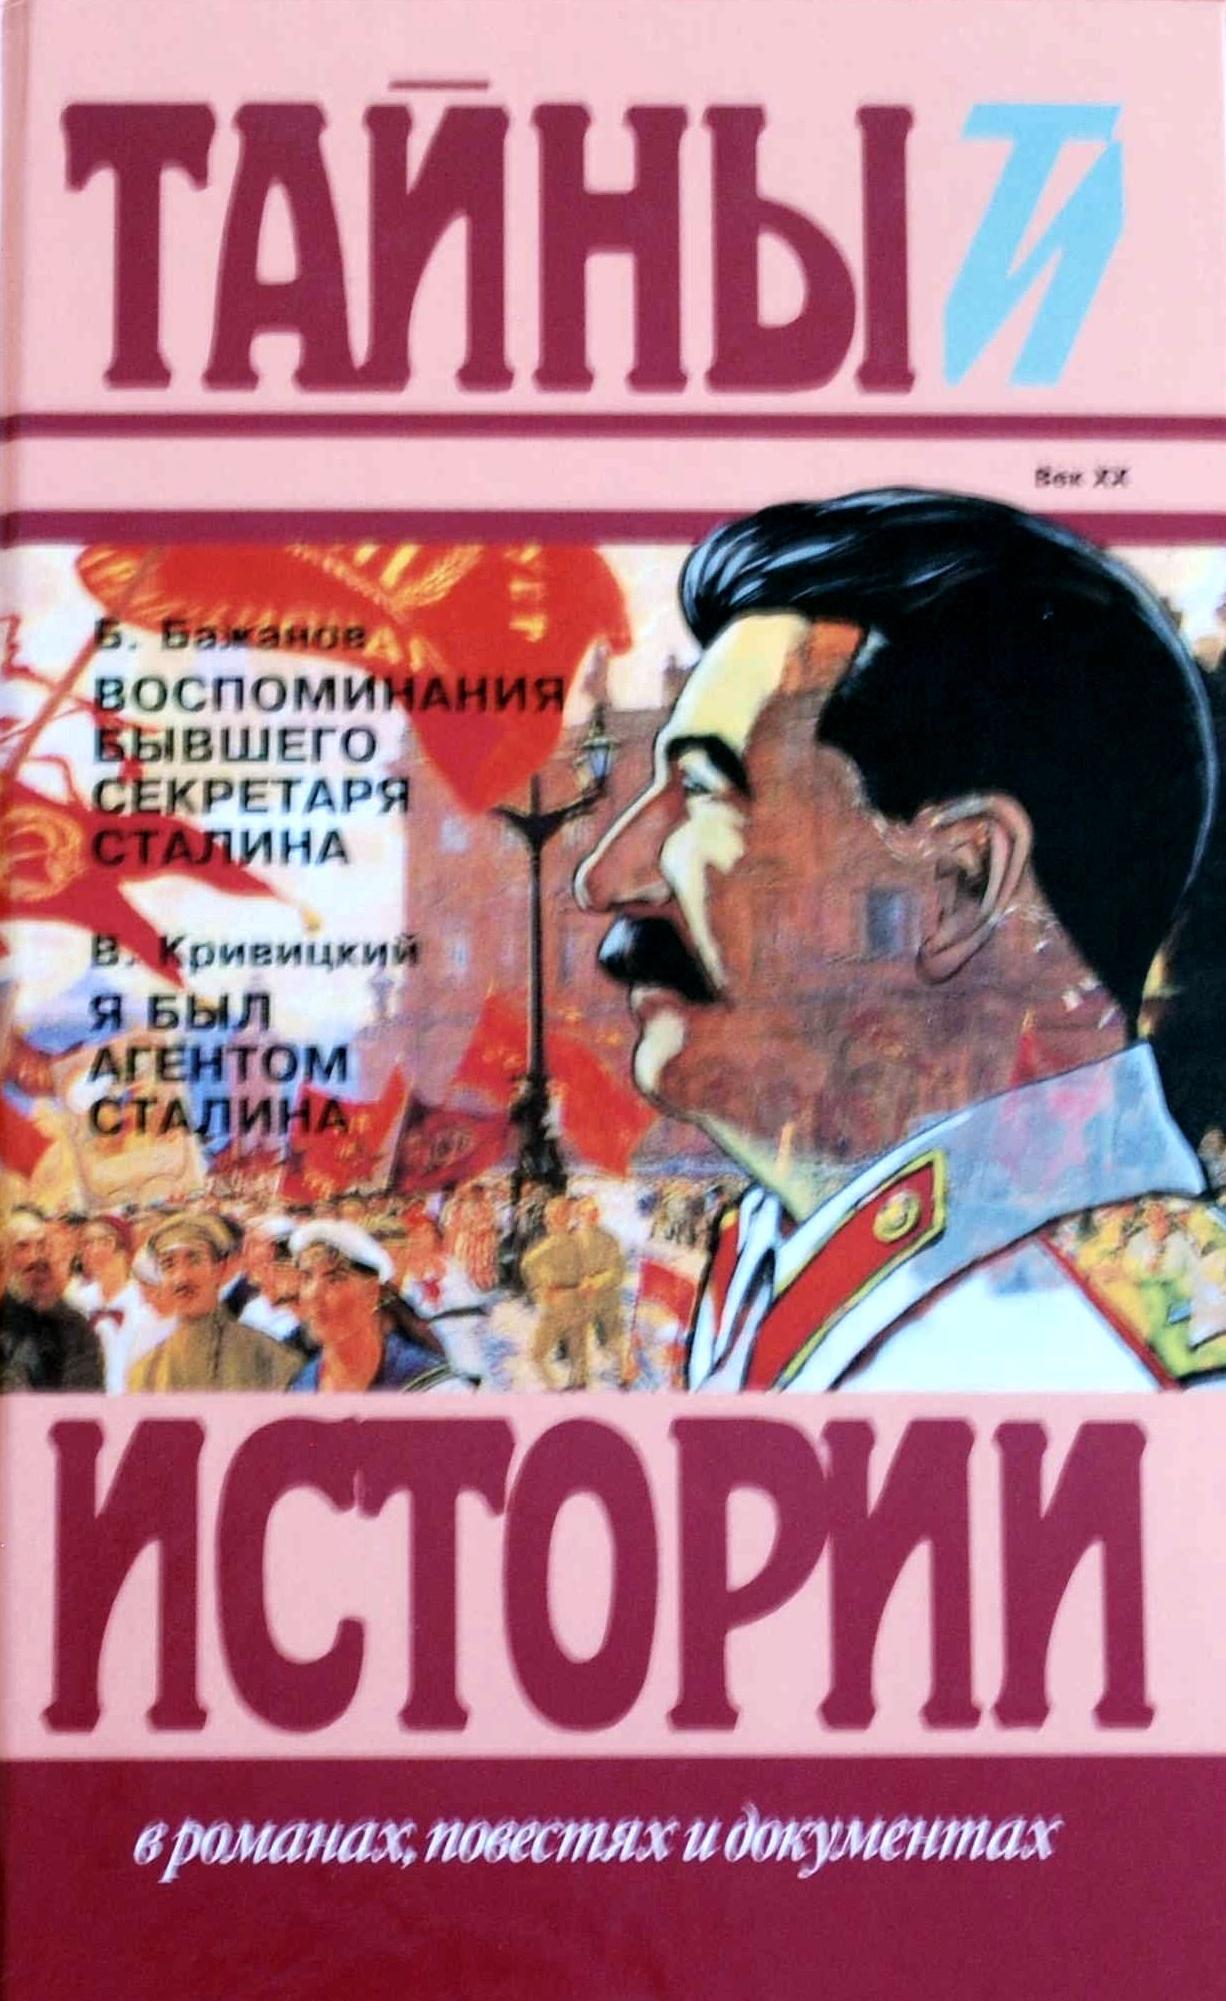 Воспоминания бывшего секретаря Сталина.\ Я был агентом Сталина